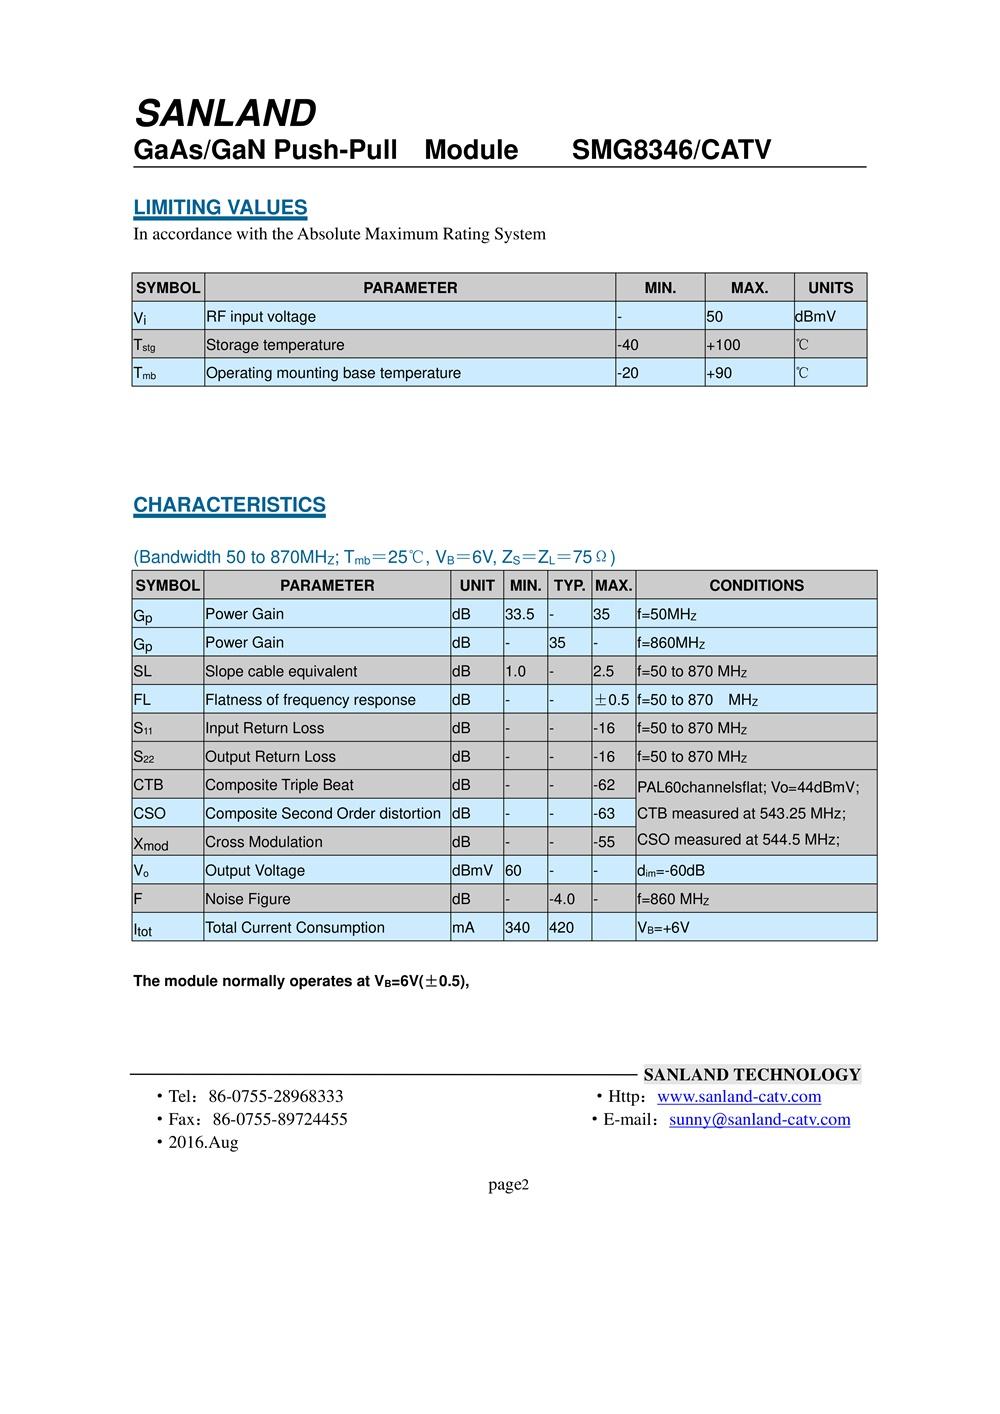 印度市场>6V>SMG8346